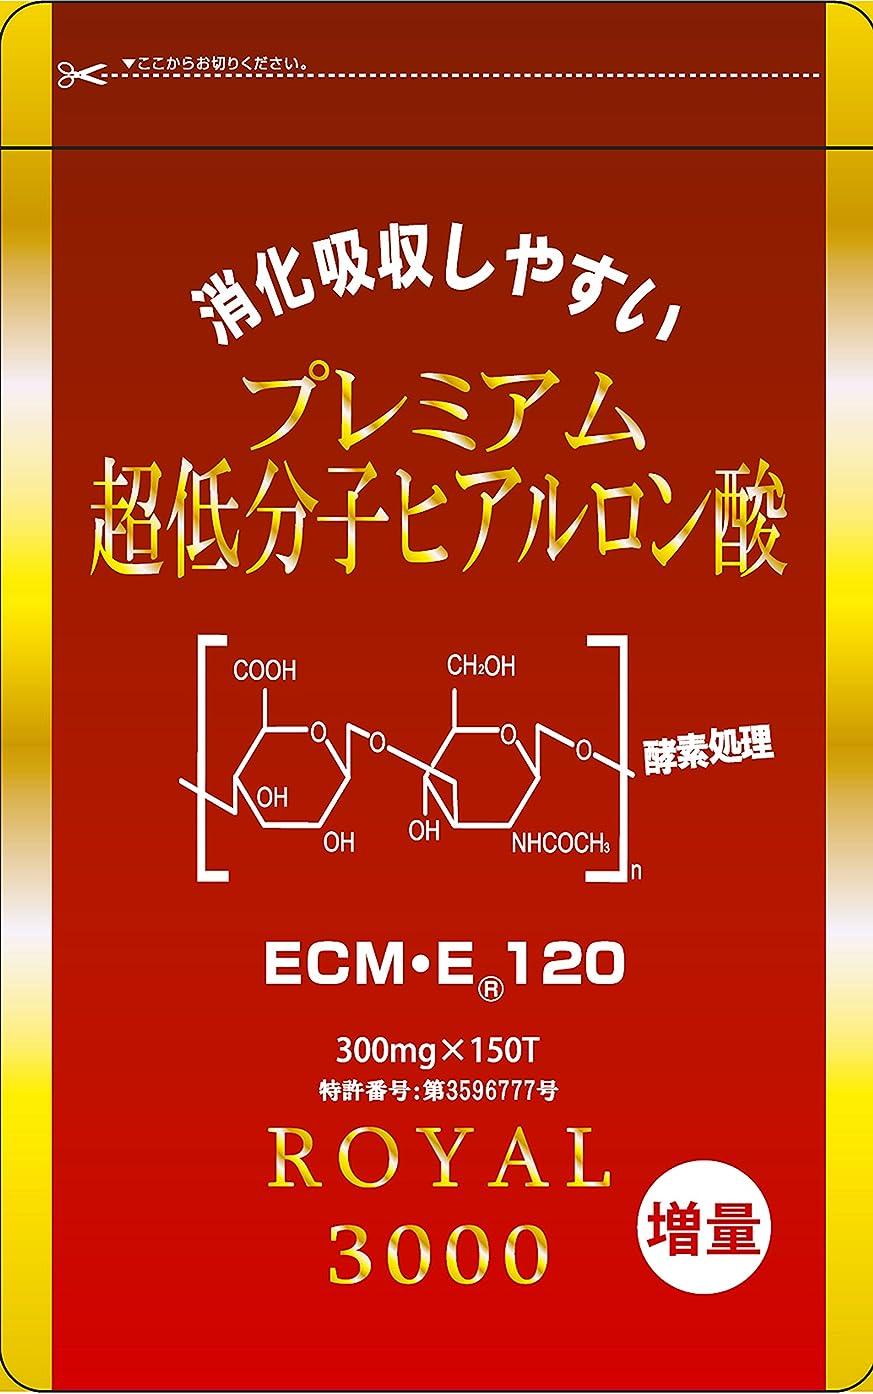 乱れほとんどの場合レクリエーション【ヒアルロン酸 コラーゲン】【ヒアルロン酸 サプリ】【ヒアルロン酸】超低分子ヒアルロン酸ECME120 150粒*2袋 300粒臨床実験データで証明唯一高吸収できるヒアルロン酸吸収用食品ECME/Natural Hyaluronicacid